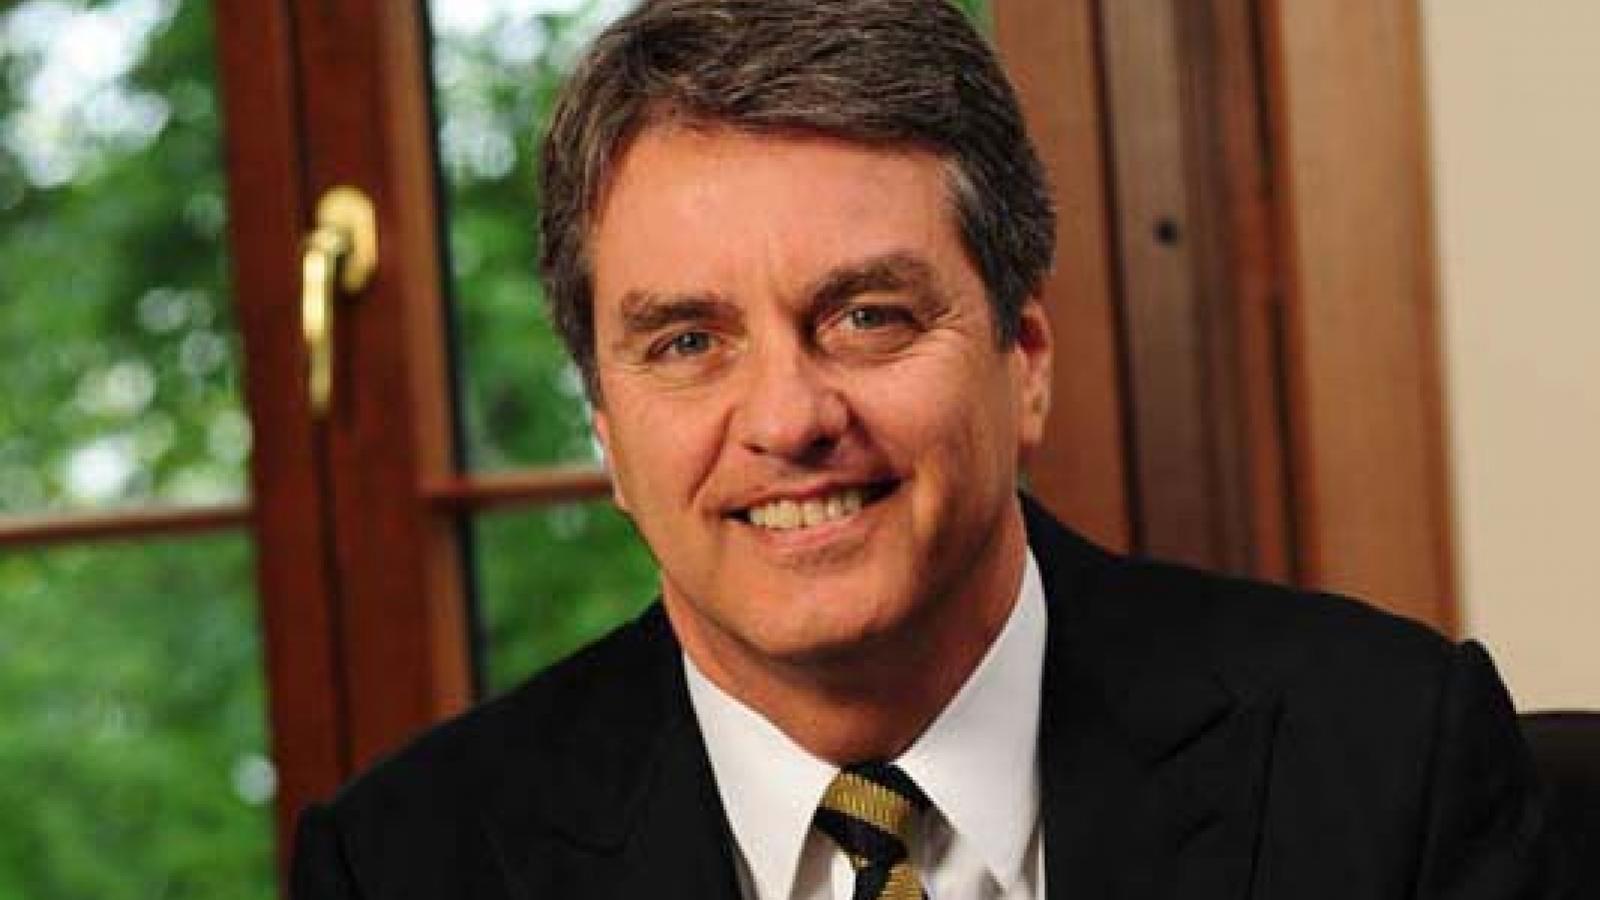 Tổng giám đốc WTO từ chức: Khó khăn trong việc lựa chọn người kế nhiệm